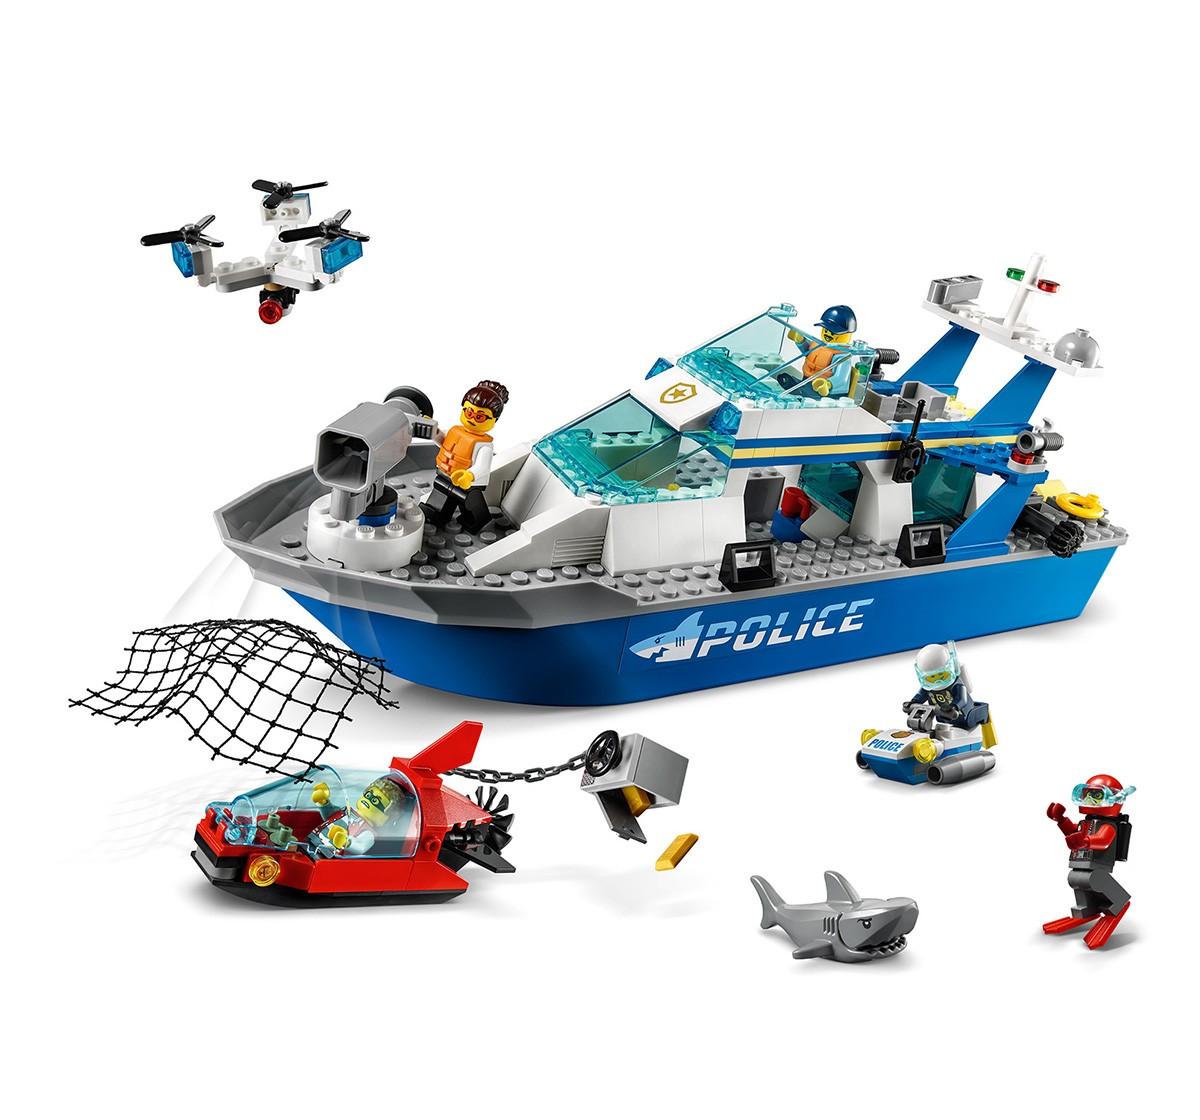 Lego Police Patrol Boat V29, Unisex, 5Y+, (Multicolor)